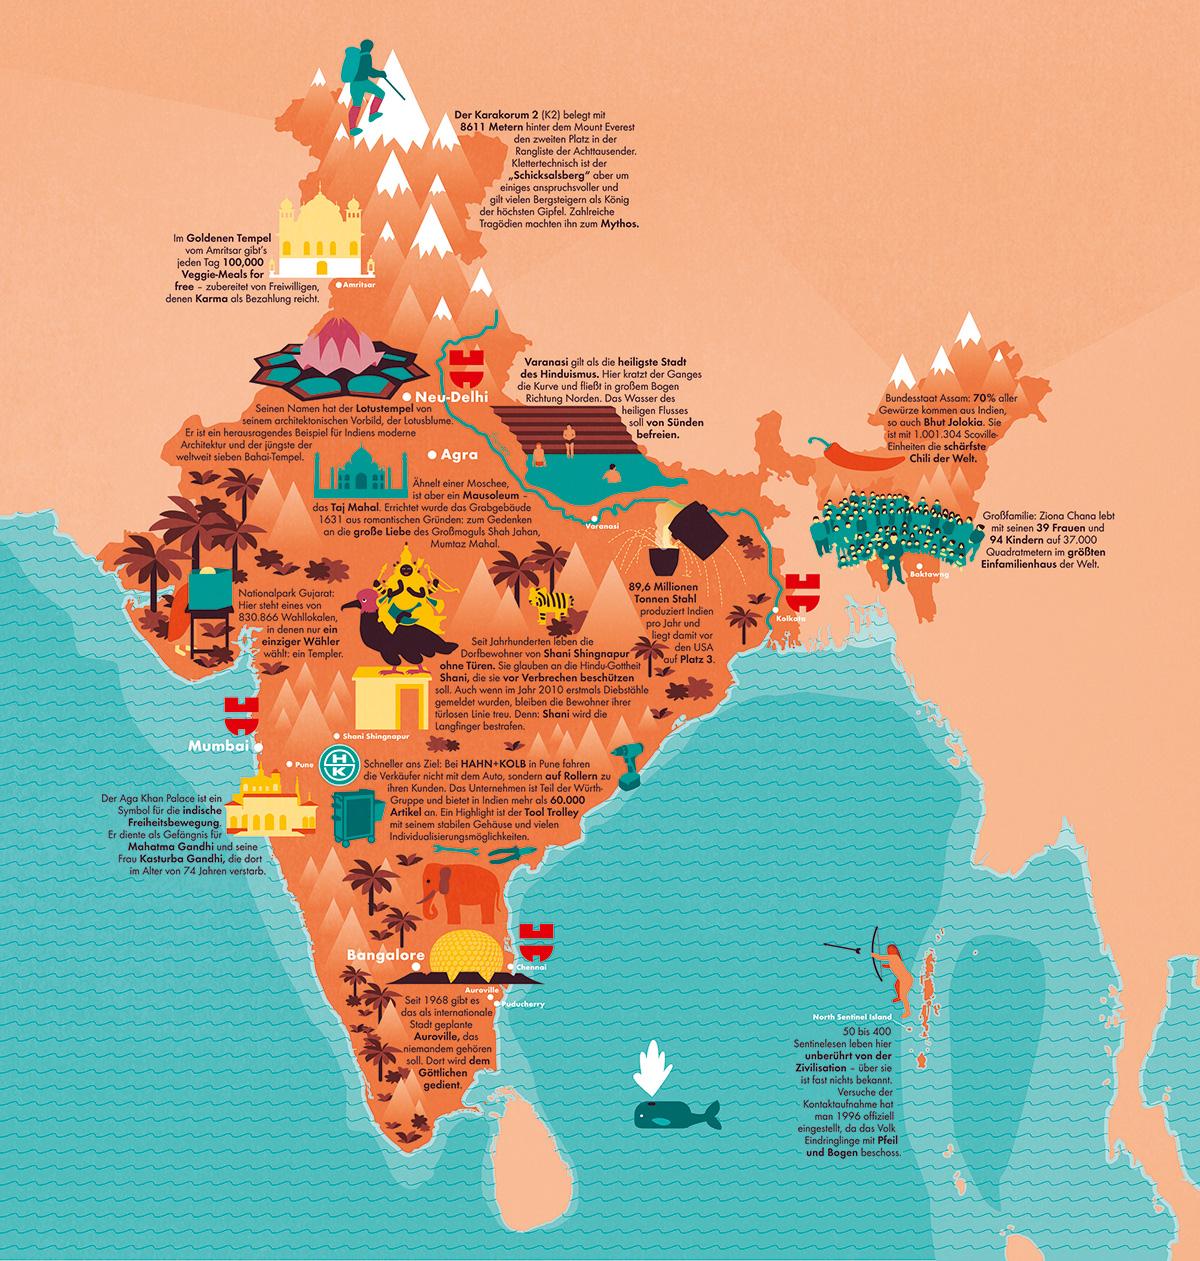 Illustrierte Vektor Karte Map von Indien mit kleinen Piktogrammen. Marina Schilling